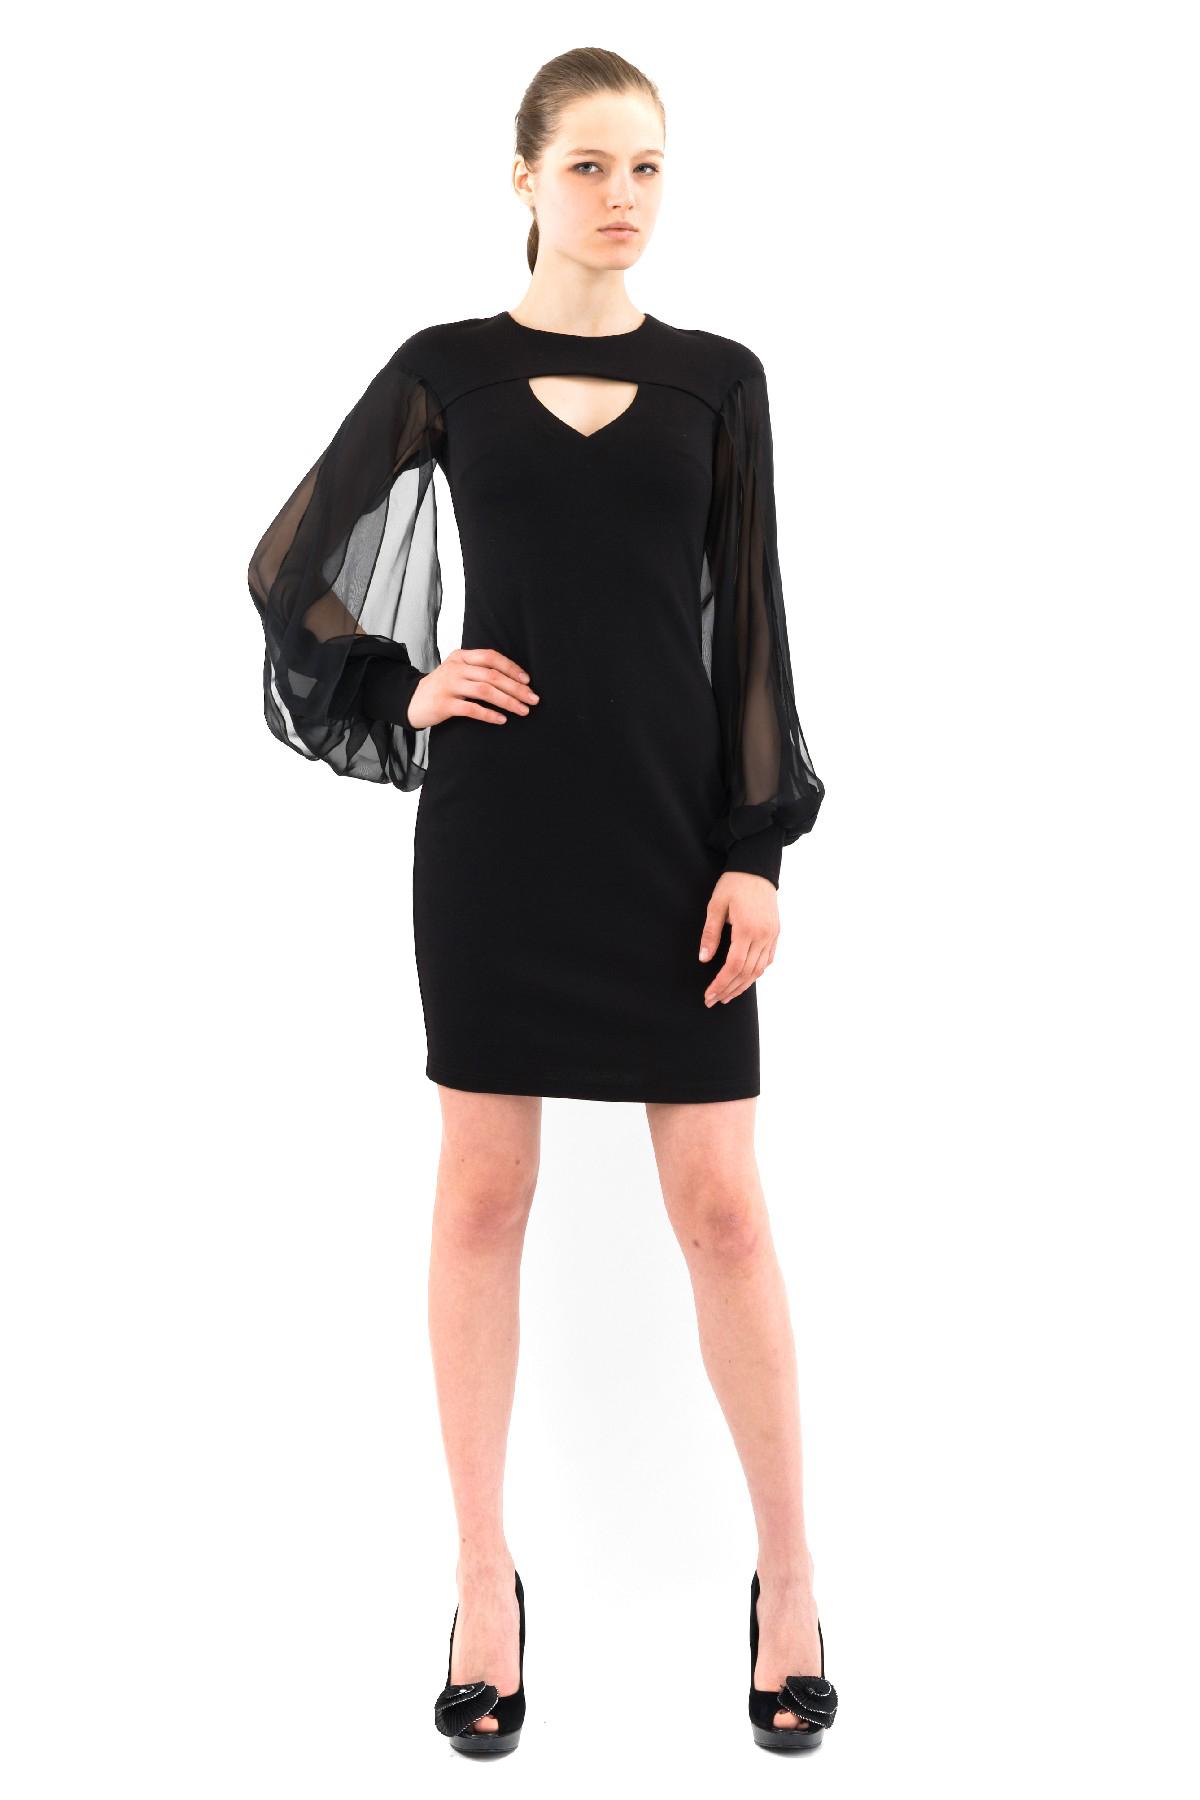 ПлатьеПлатья,  сарафаны<br>Восхитительное платье с шифоновыми рукавами и длиной чуть выше колен. Модель эффектной классической расцветки смотрится привлекательно и модно. Выполнено из превосходного сочетания двух тканей.<br><br>Цвет: черный<br>Состав: ткань1-60%вискоза, 35%полиэстер, 5%лайкра, ткань2-100%полиэстер<br>Размер: 56,58<br>Страна дизайна: Россия<br>Страна производства: Россия